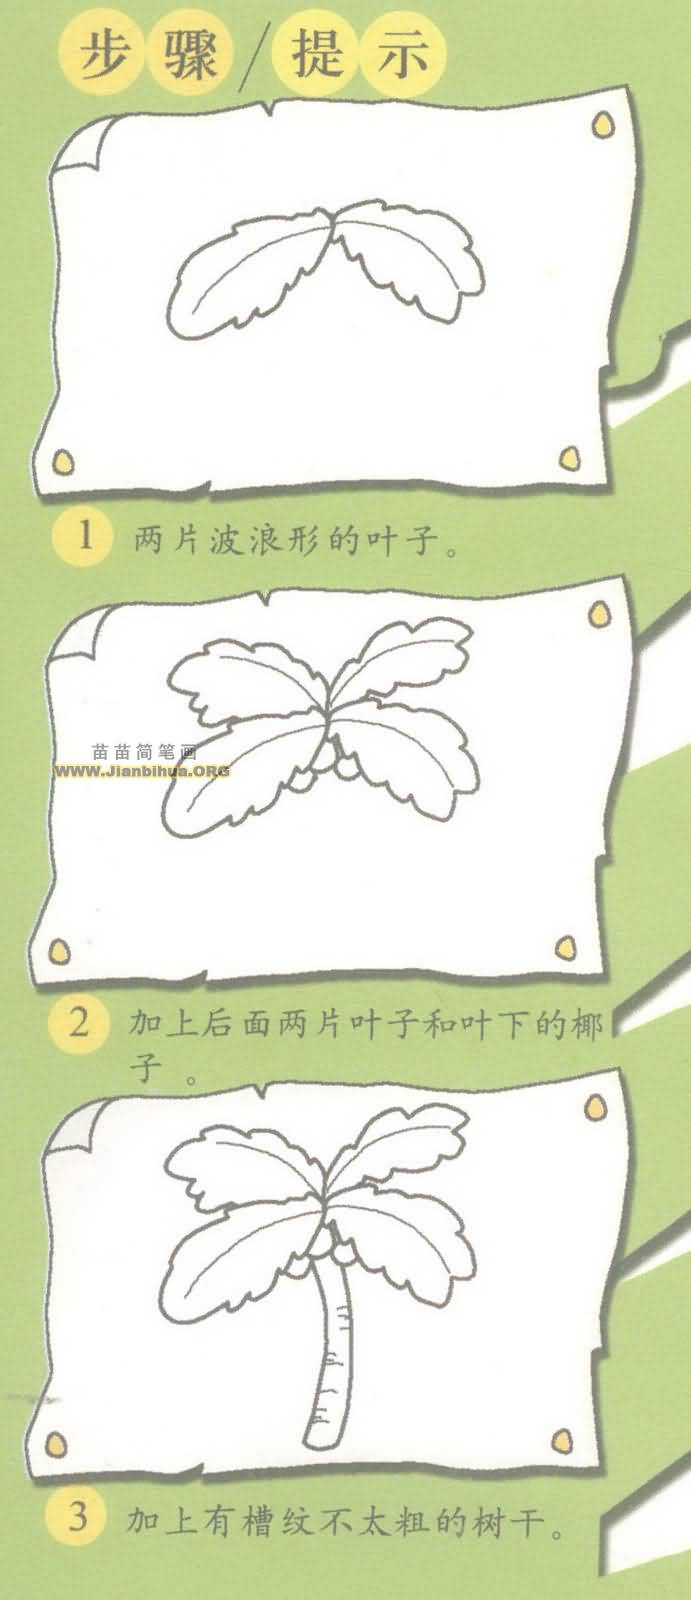 椰子树简笔画图片教程